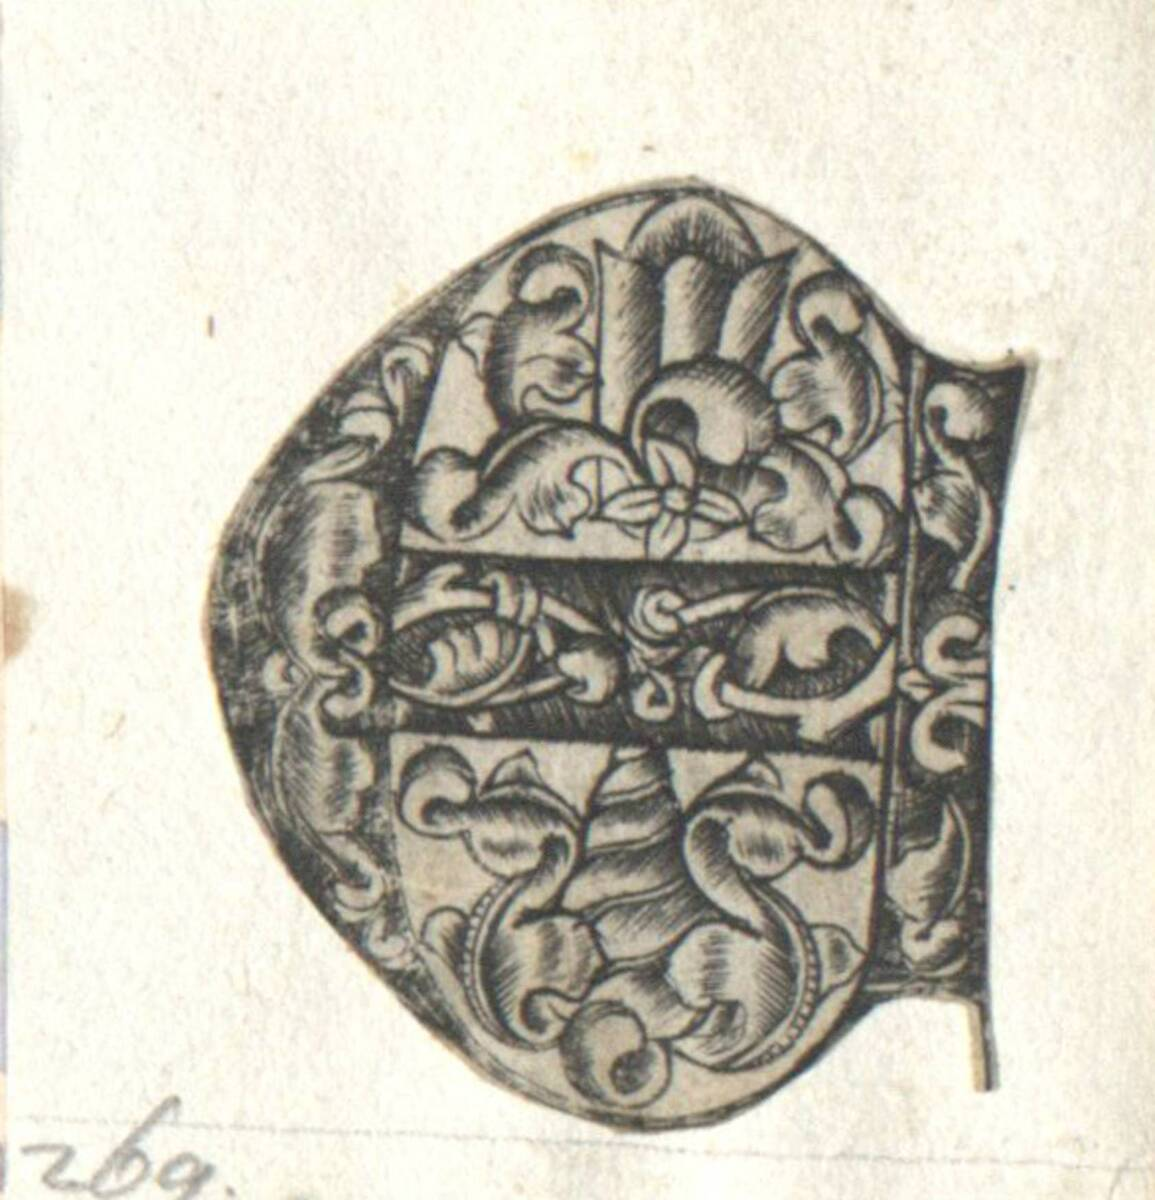 Der Buchstabe E eines gotischen Alphabetes in der Art des I. van Meckenem, c. 1480, ausgeschnitten (vom Bearbeiter vergebener Titel) von Anonym